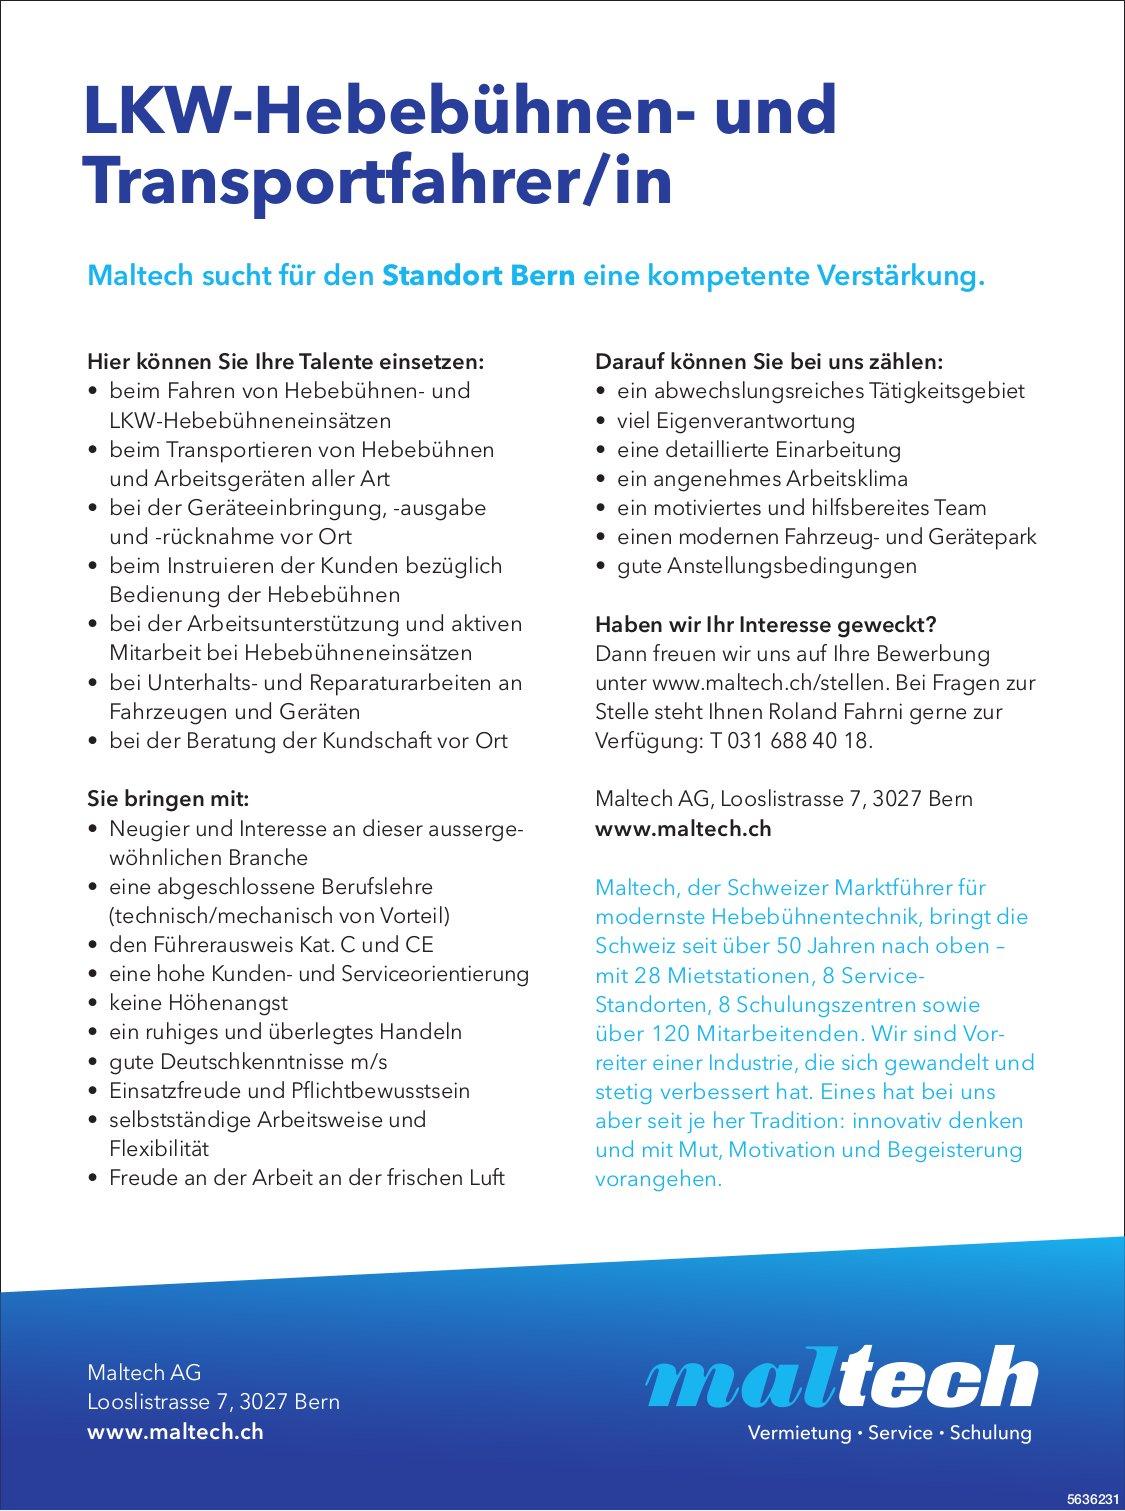 LKW-Hebebühnen- und Transportfahrer/in bei Maltech AG gesucht